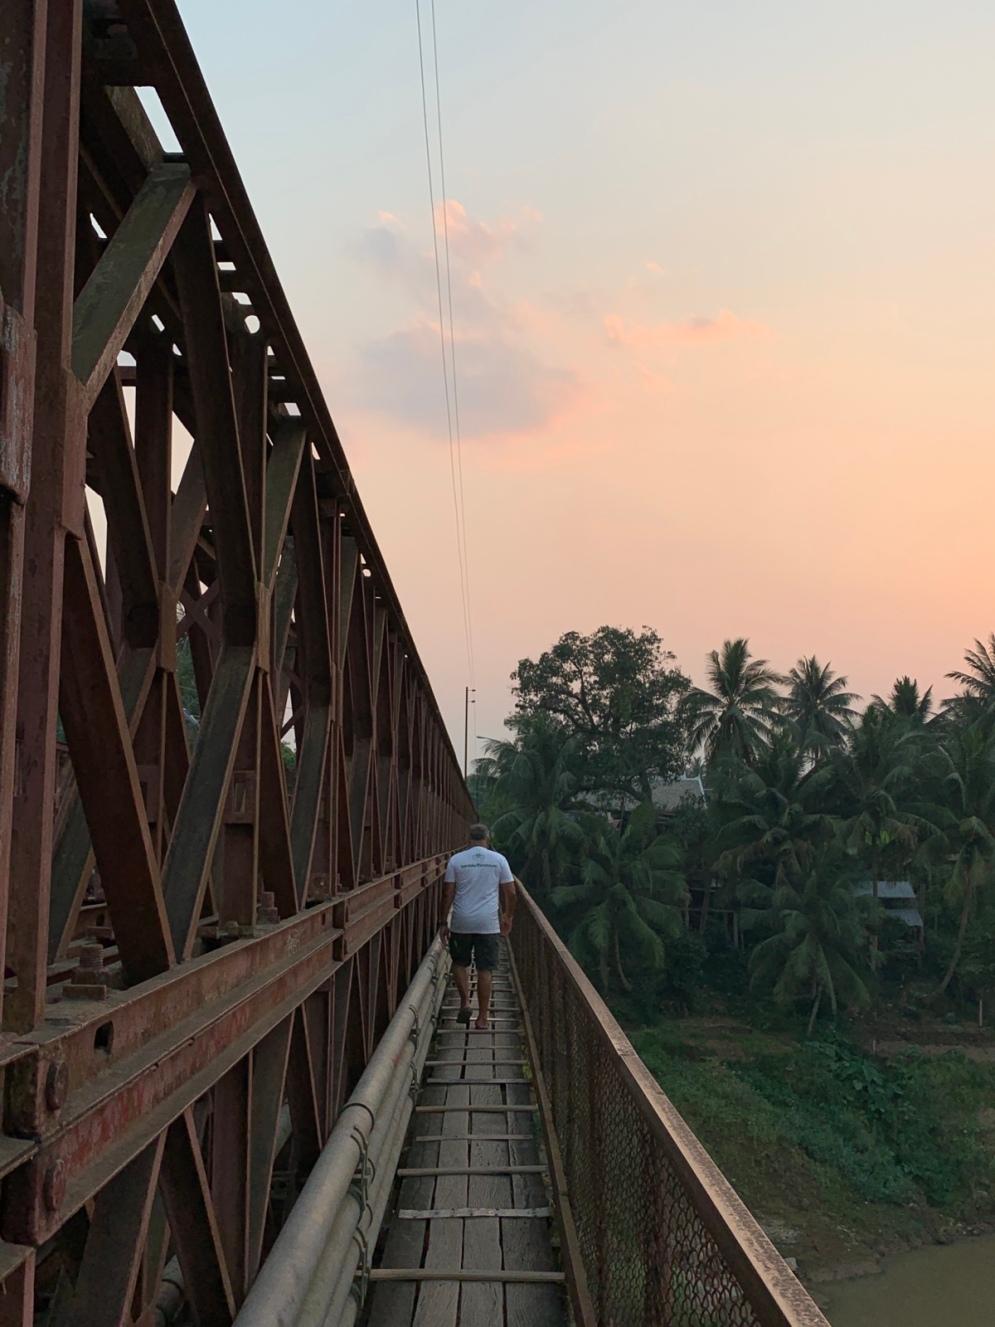 Walking along the Old Bridge by dusk